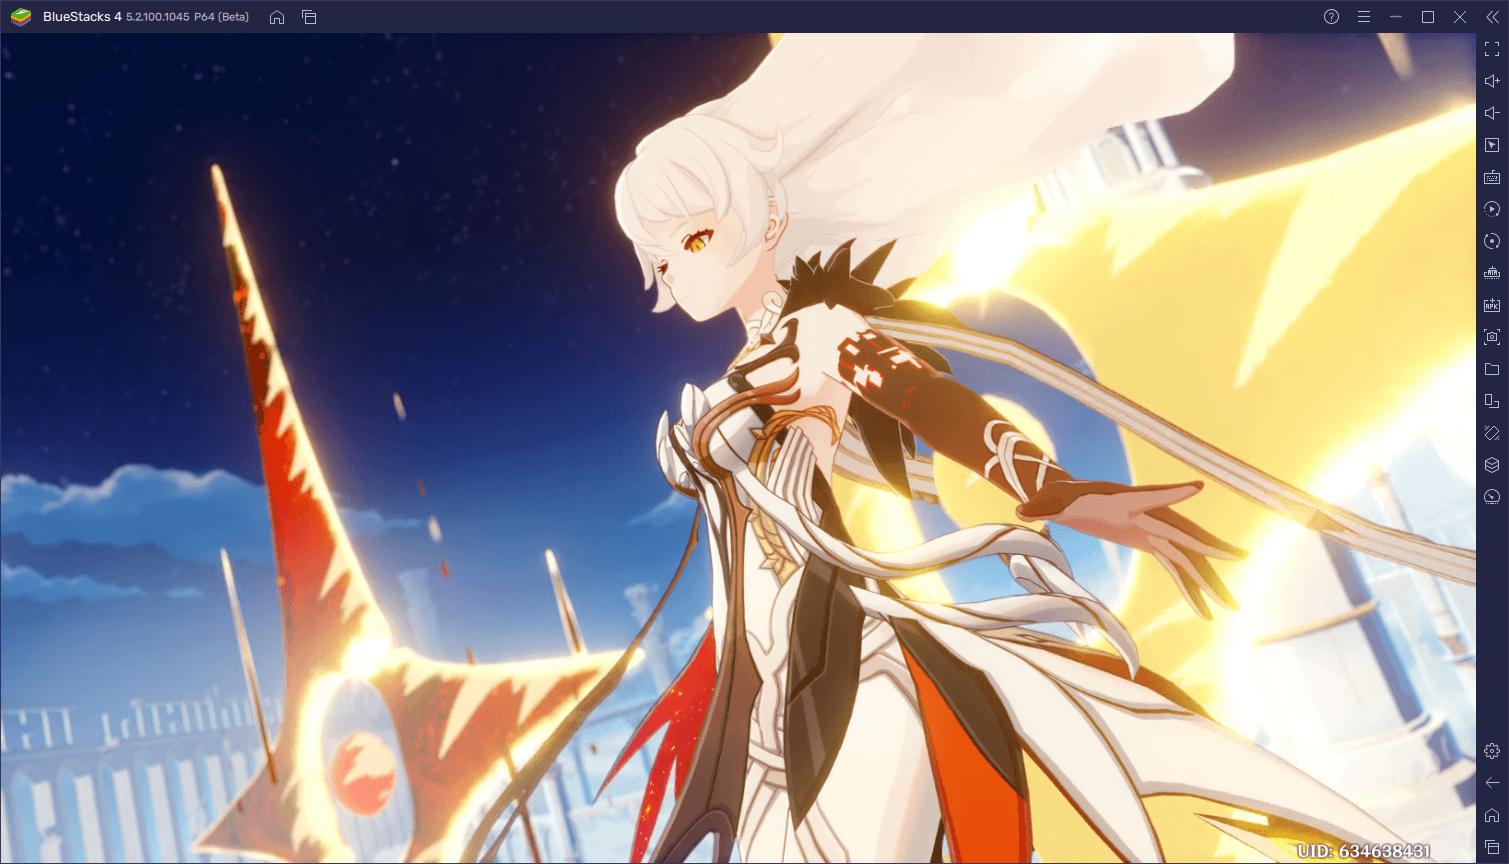 L'ultimo Update di BlueStacks ci regala il supporto per Android Pie (versione 9) e tanti nuovi titoli come Genshin Impact!